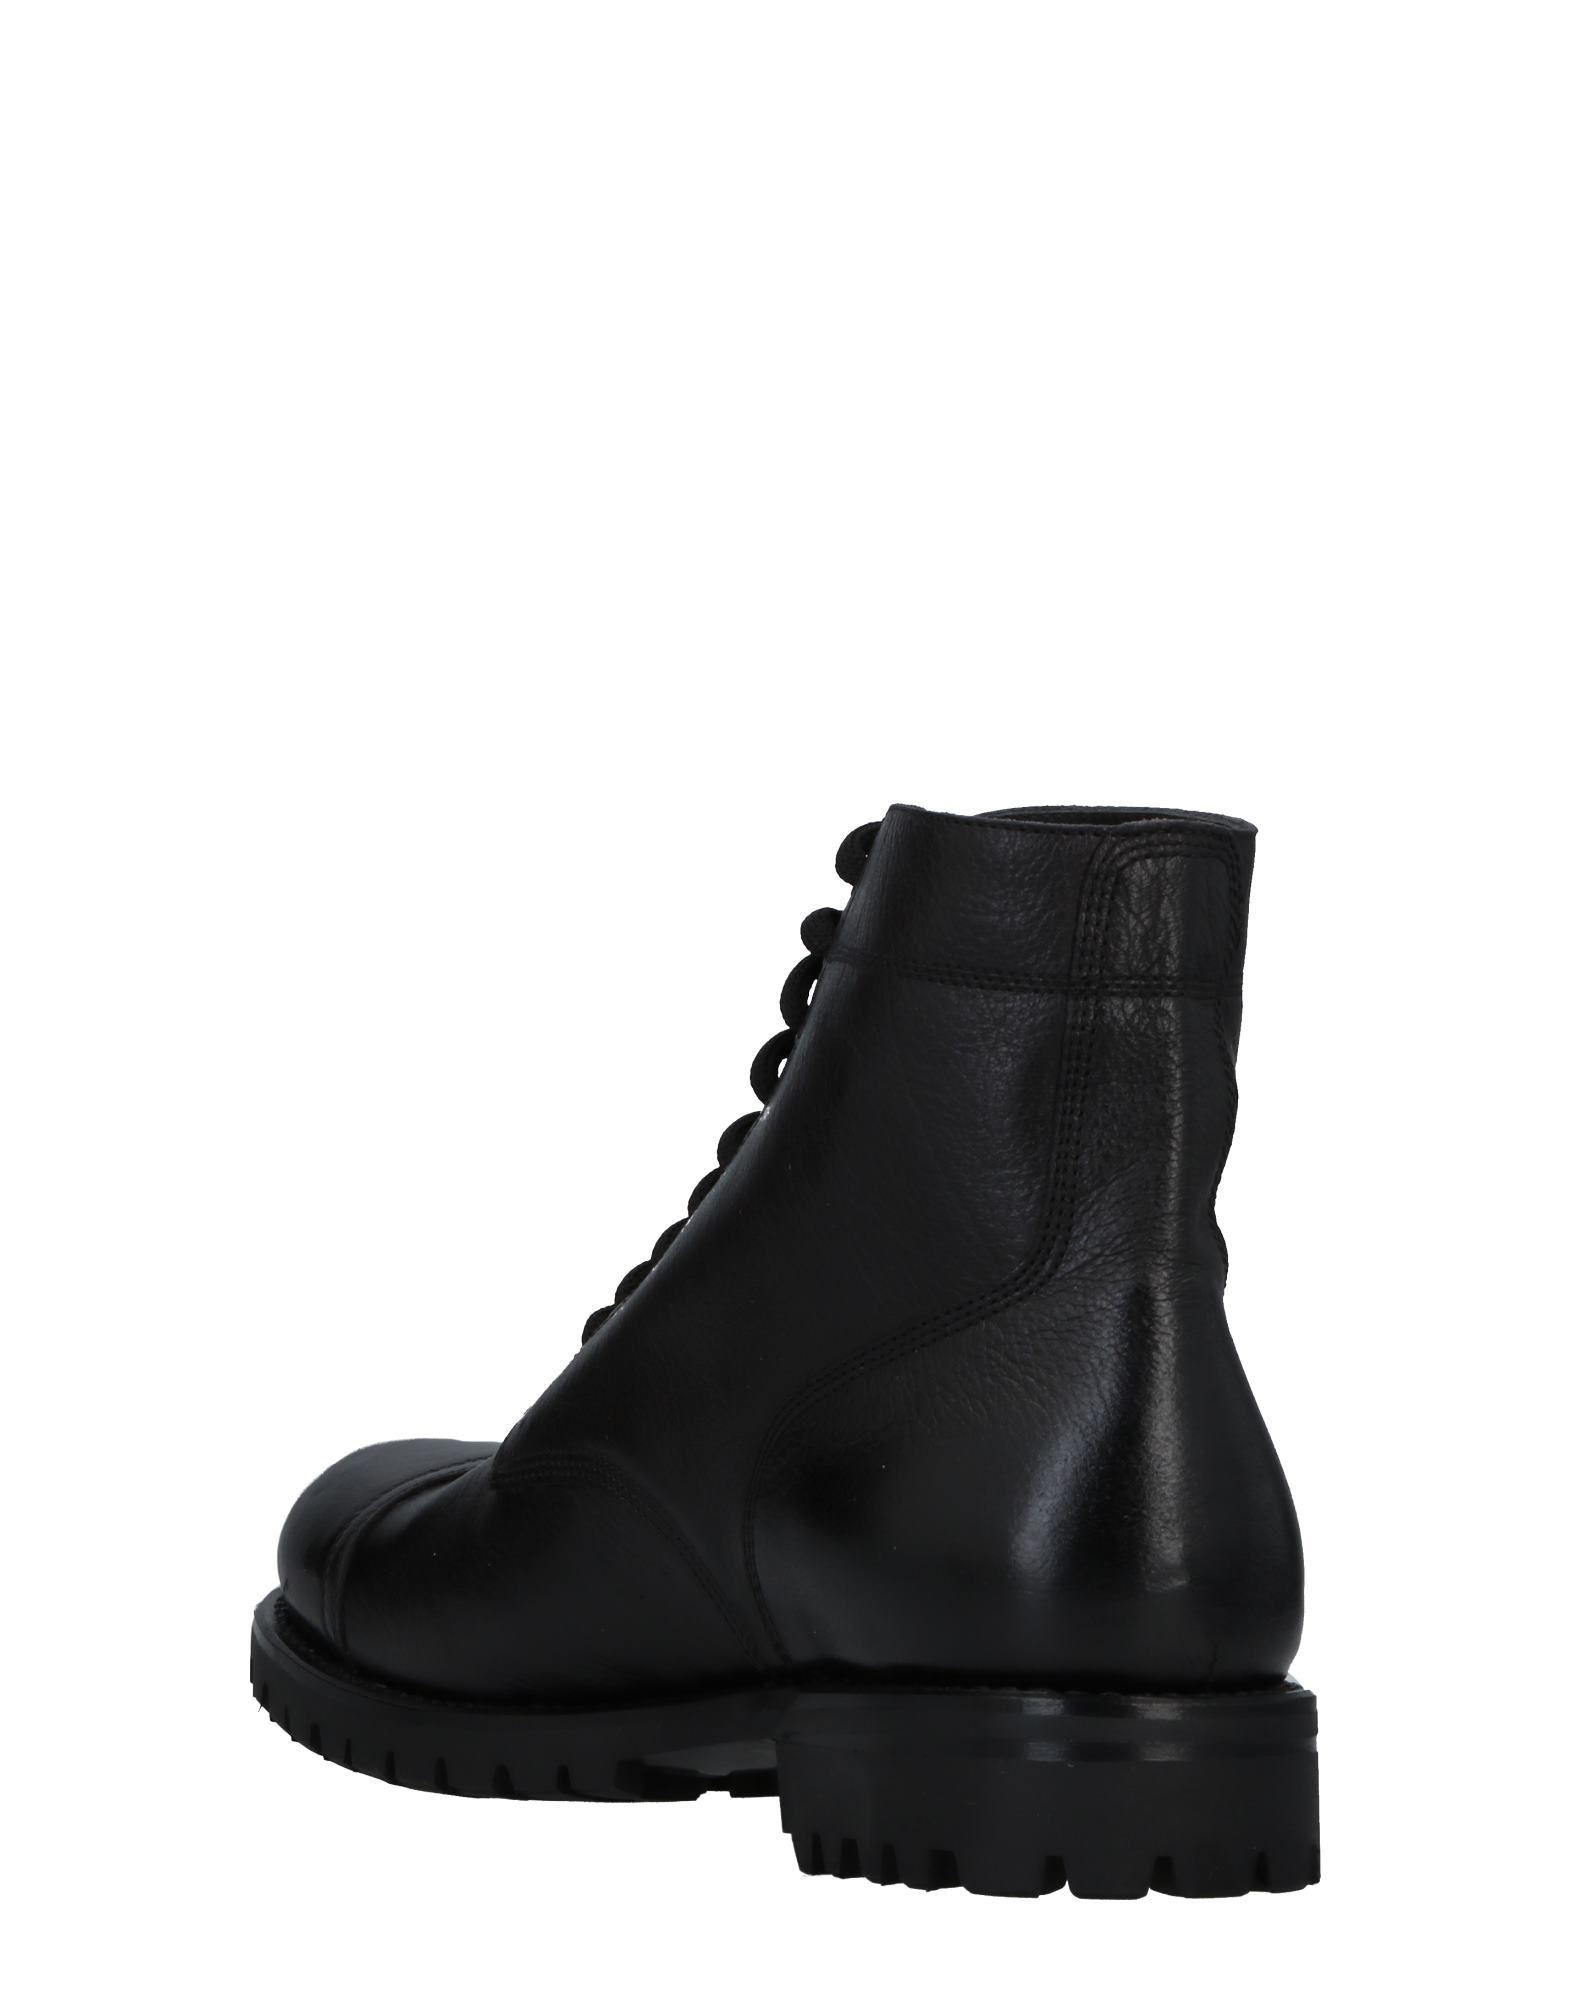 Raparo Stiefelette Herren  11517605RX Gute Qualität beliebte Schuhe